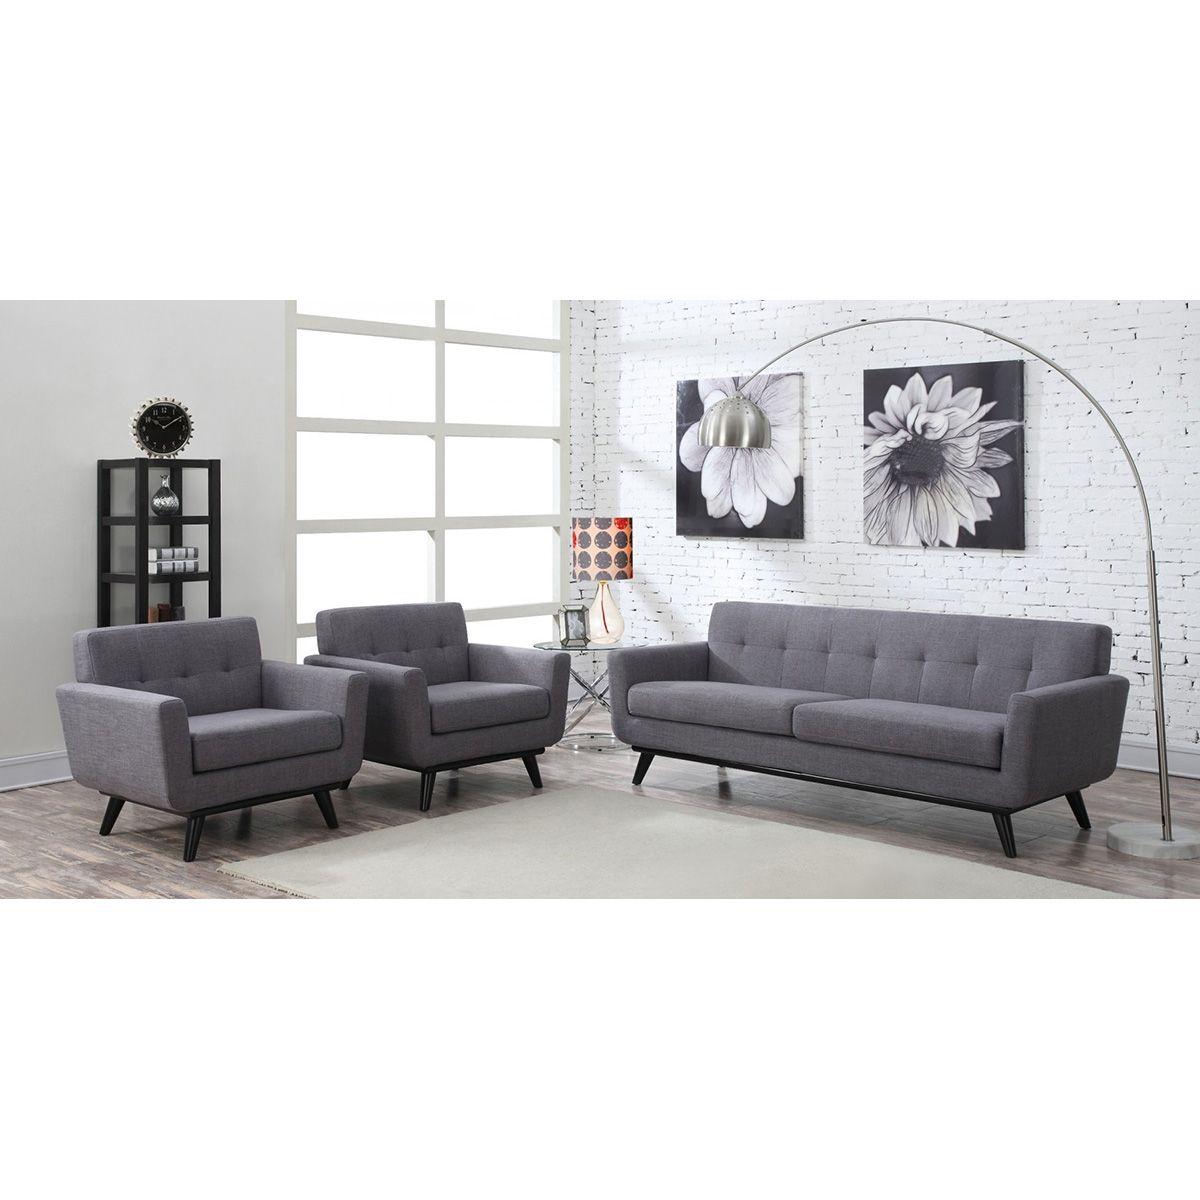 TOV Furniture James Grey Linen Sofa TOV S20S G